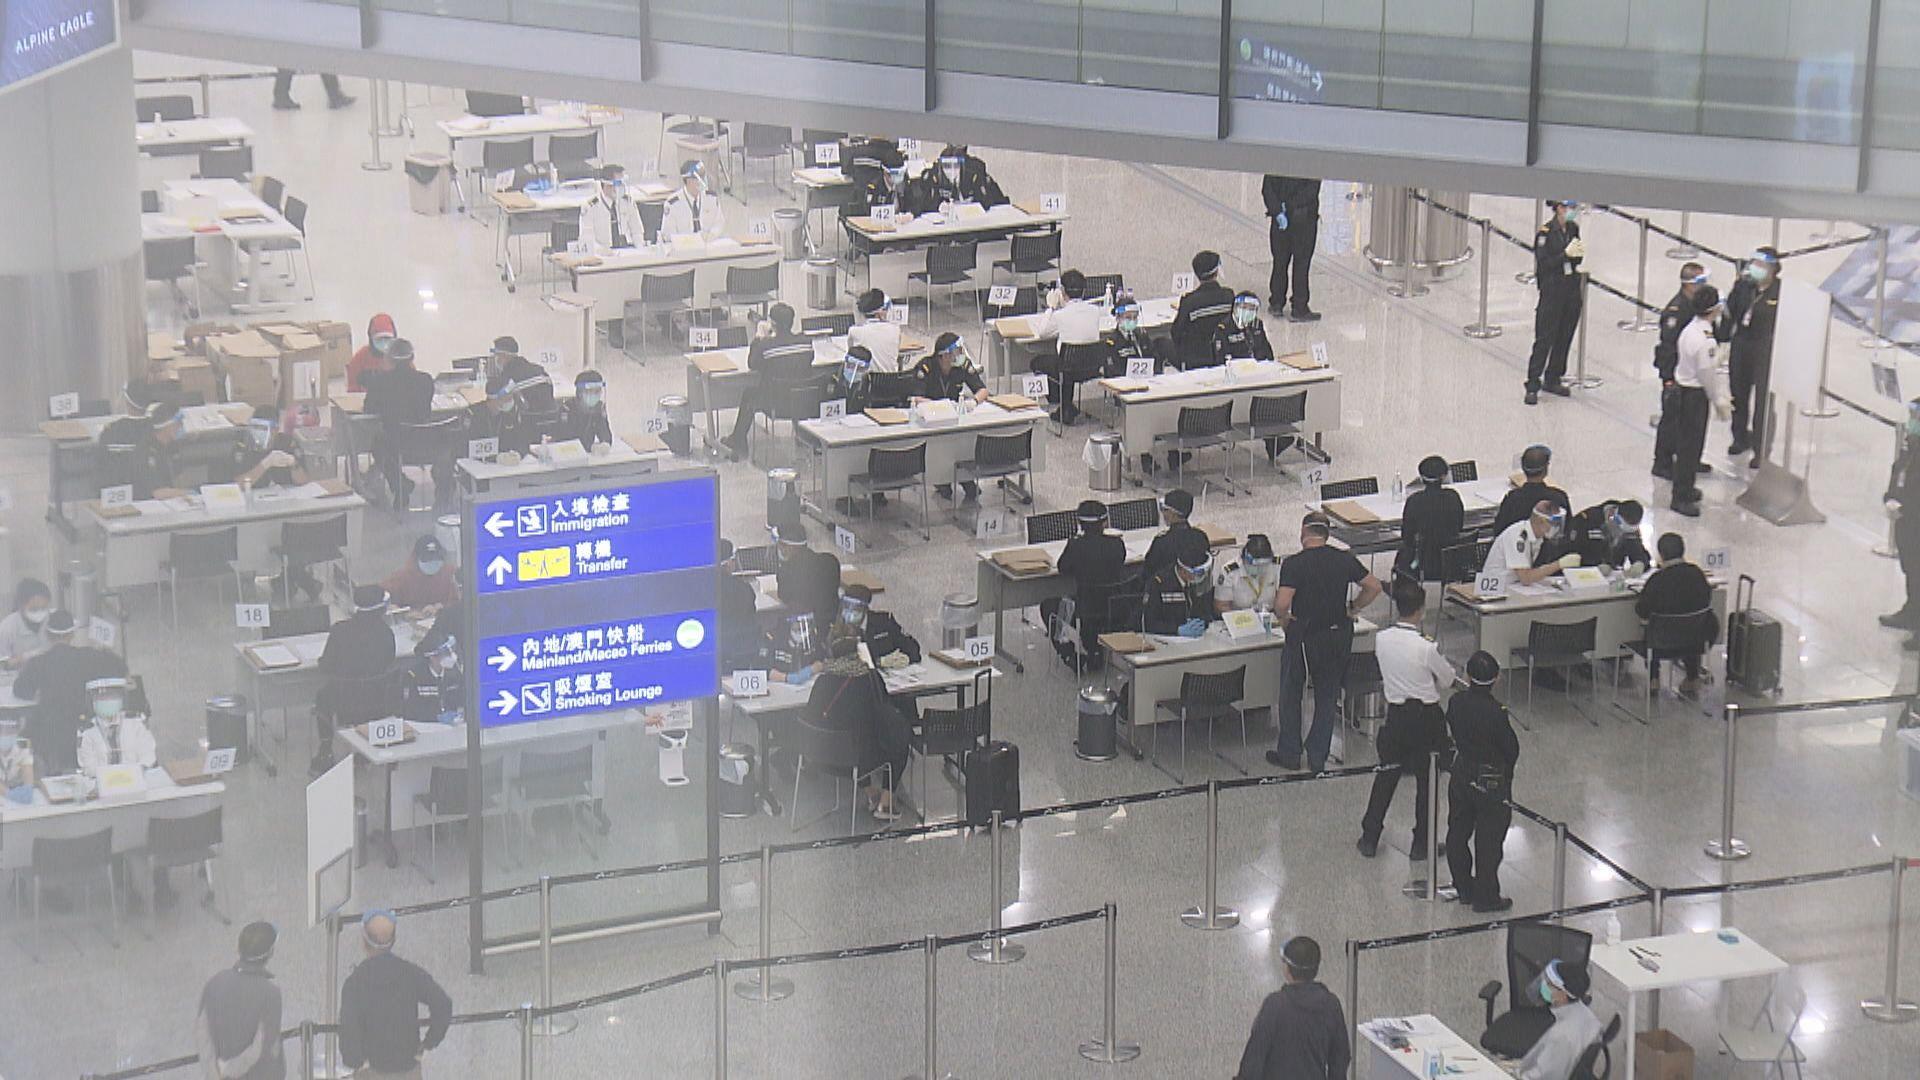 亞博臨時樣本採集中心下周二遷往機場禁區內中場客運廊